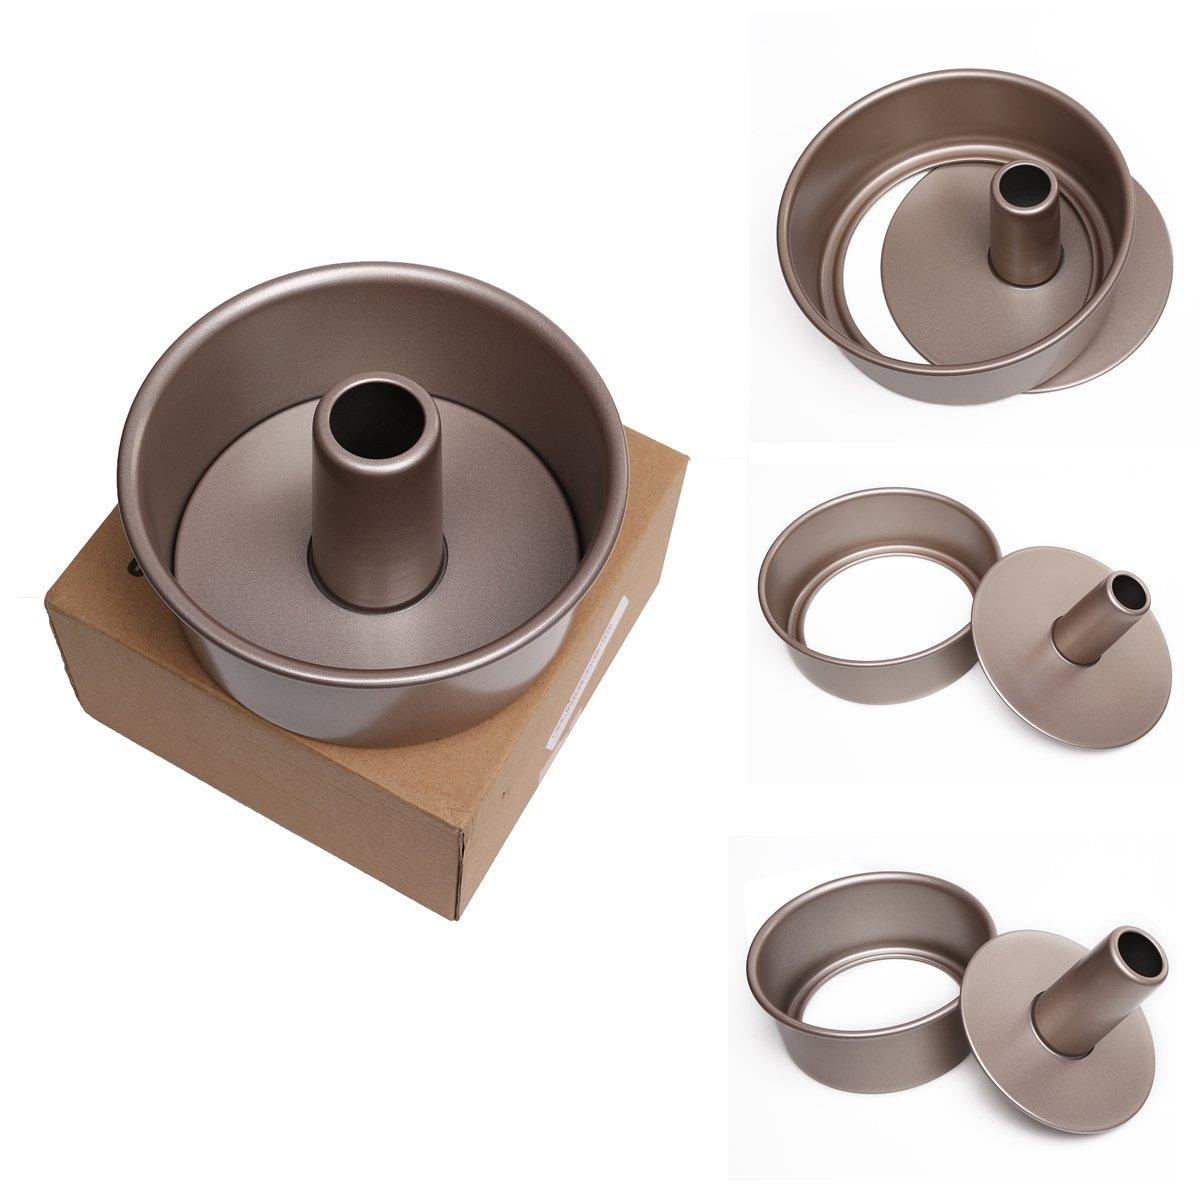 Cake Pan, SENREAL Round Food Cake Pan Tin Mold Baking Tray Carbon Steel Non Stick Bakeware Tool